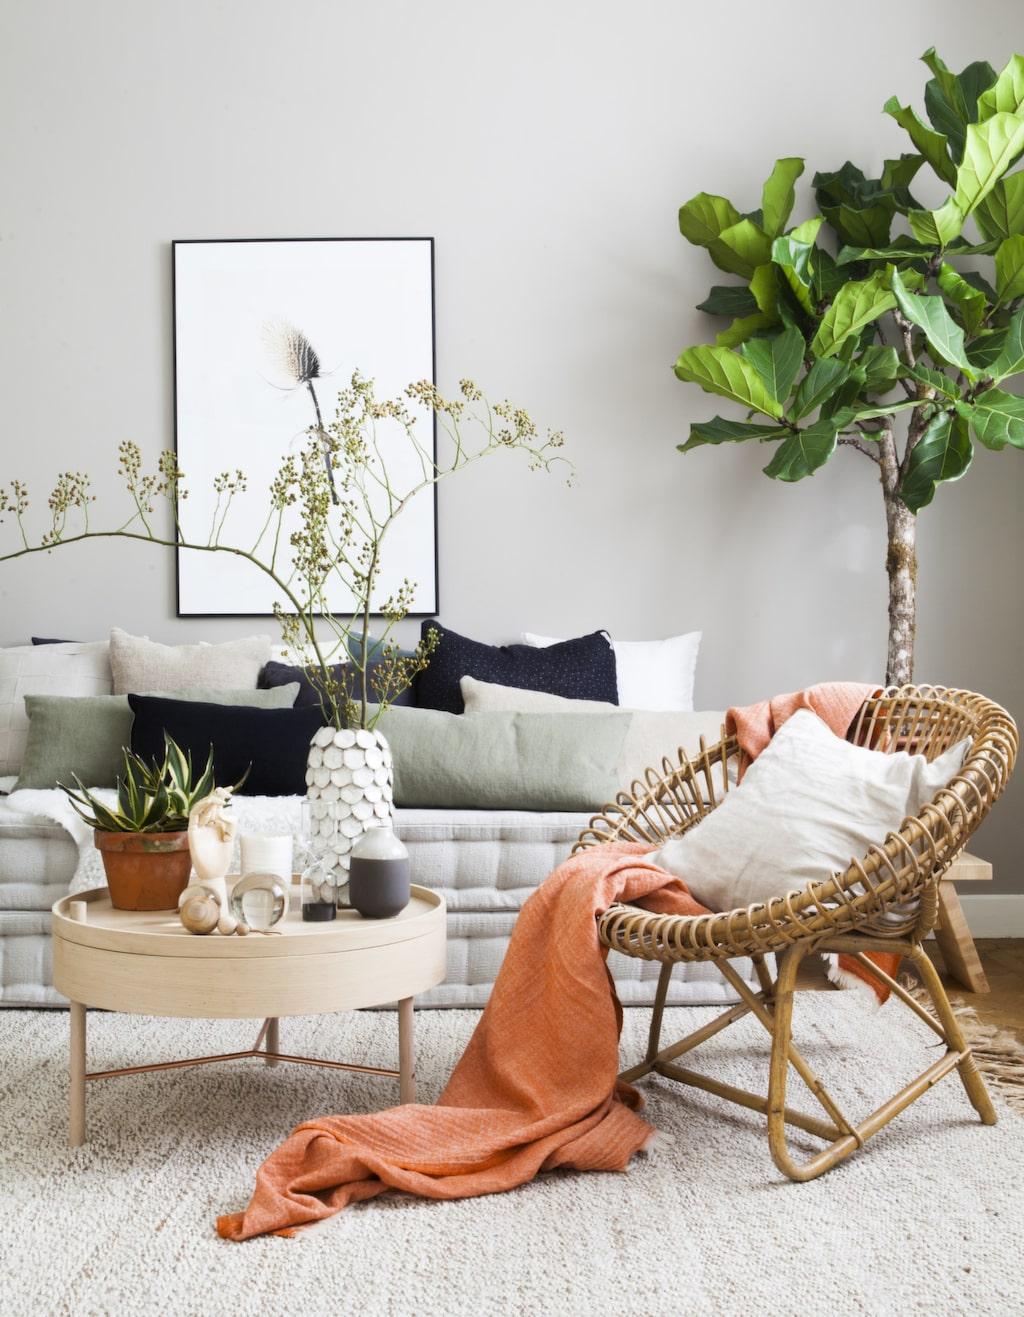 <p>Björk, rotting, kork och linne! Tillsammans med jordfärger som terrakotta och grågrön<br>lera skapar du rogivande rum. Och glöm inte att addera massor av gröna växter för en ombonad känsla.</p>